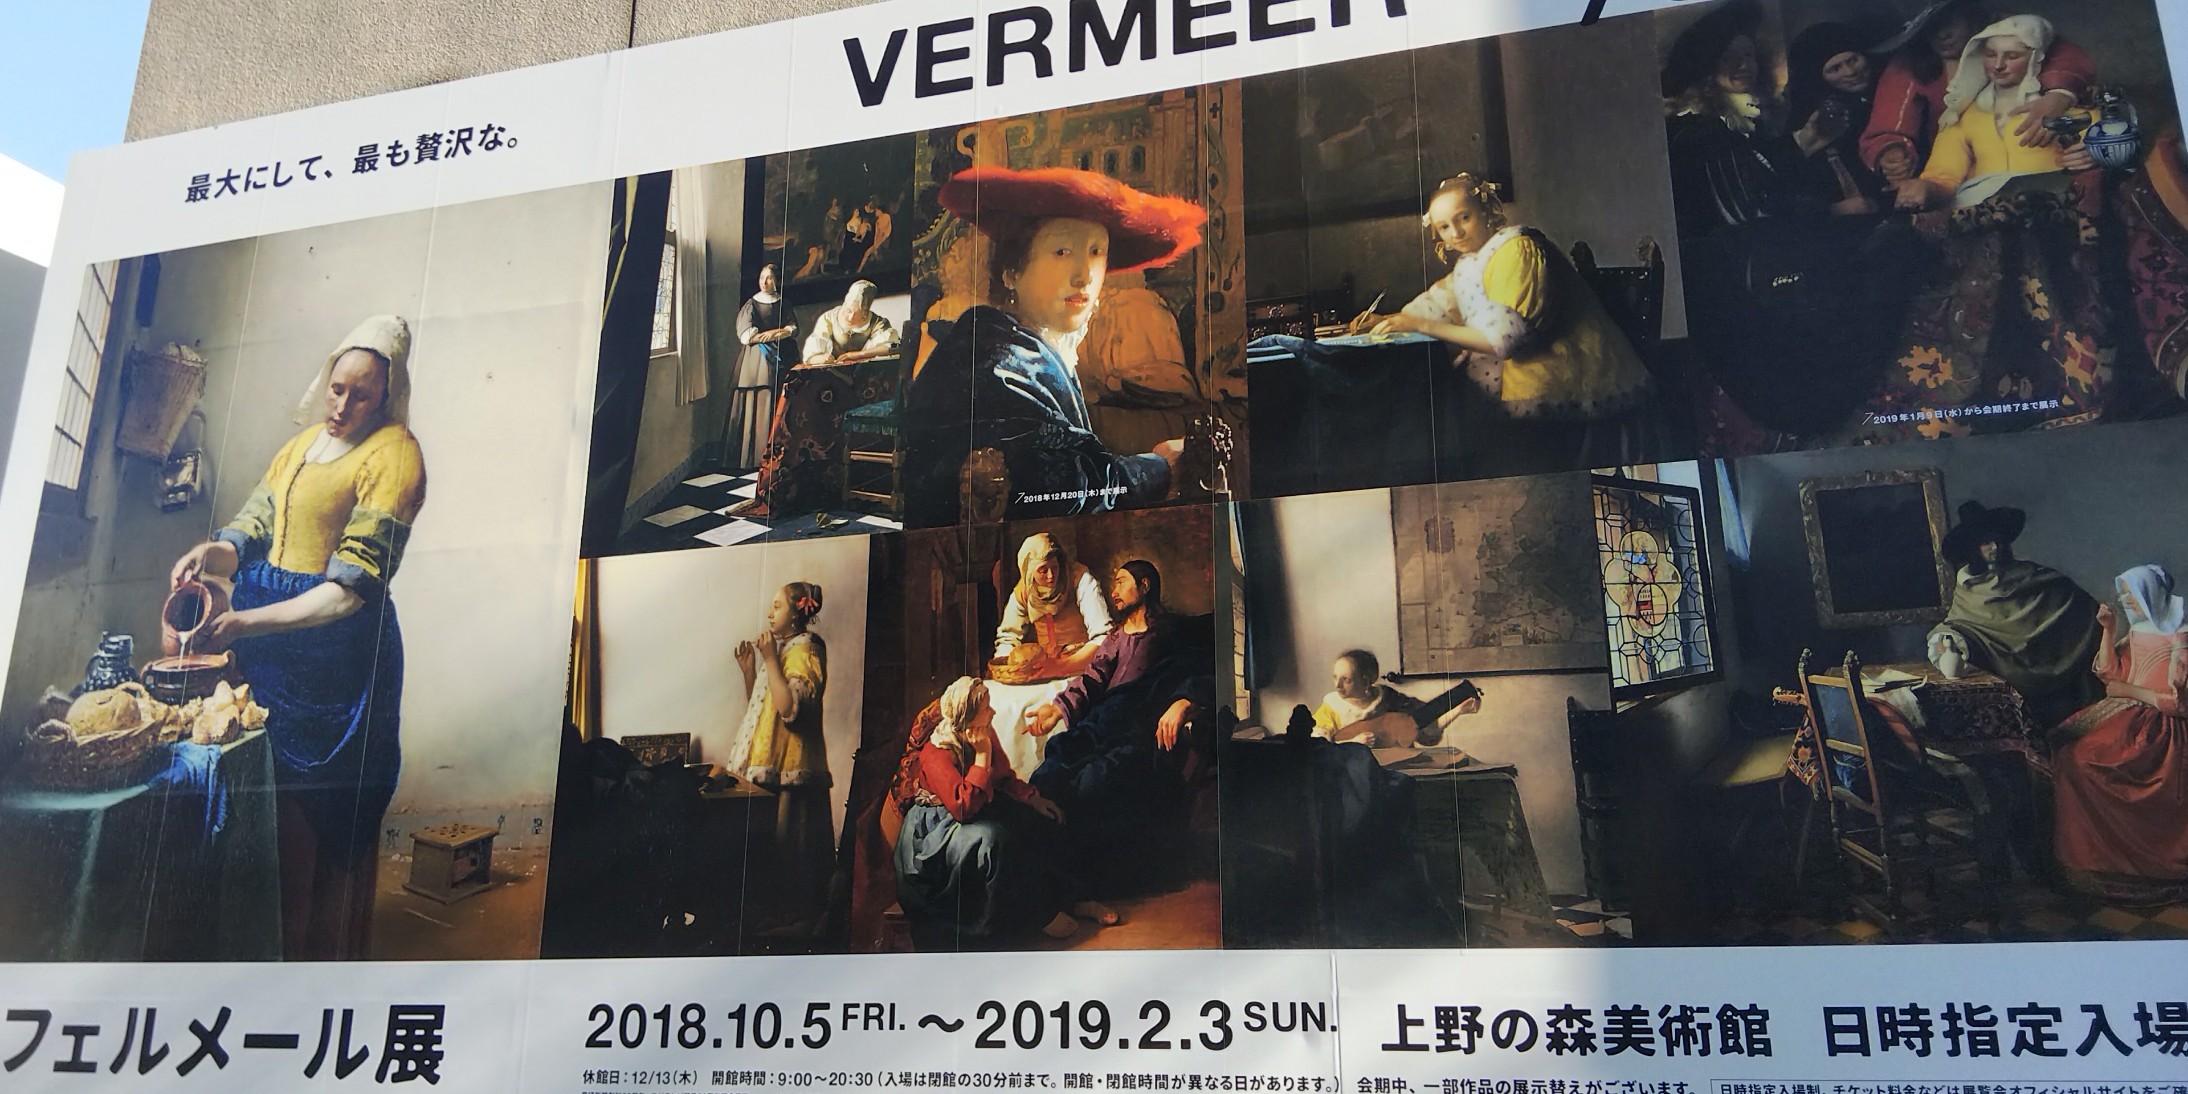 今日が初日、上野フェルメール展「取り持ち女」_d0043390_17581742.jpg